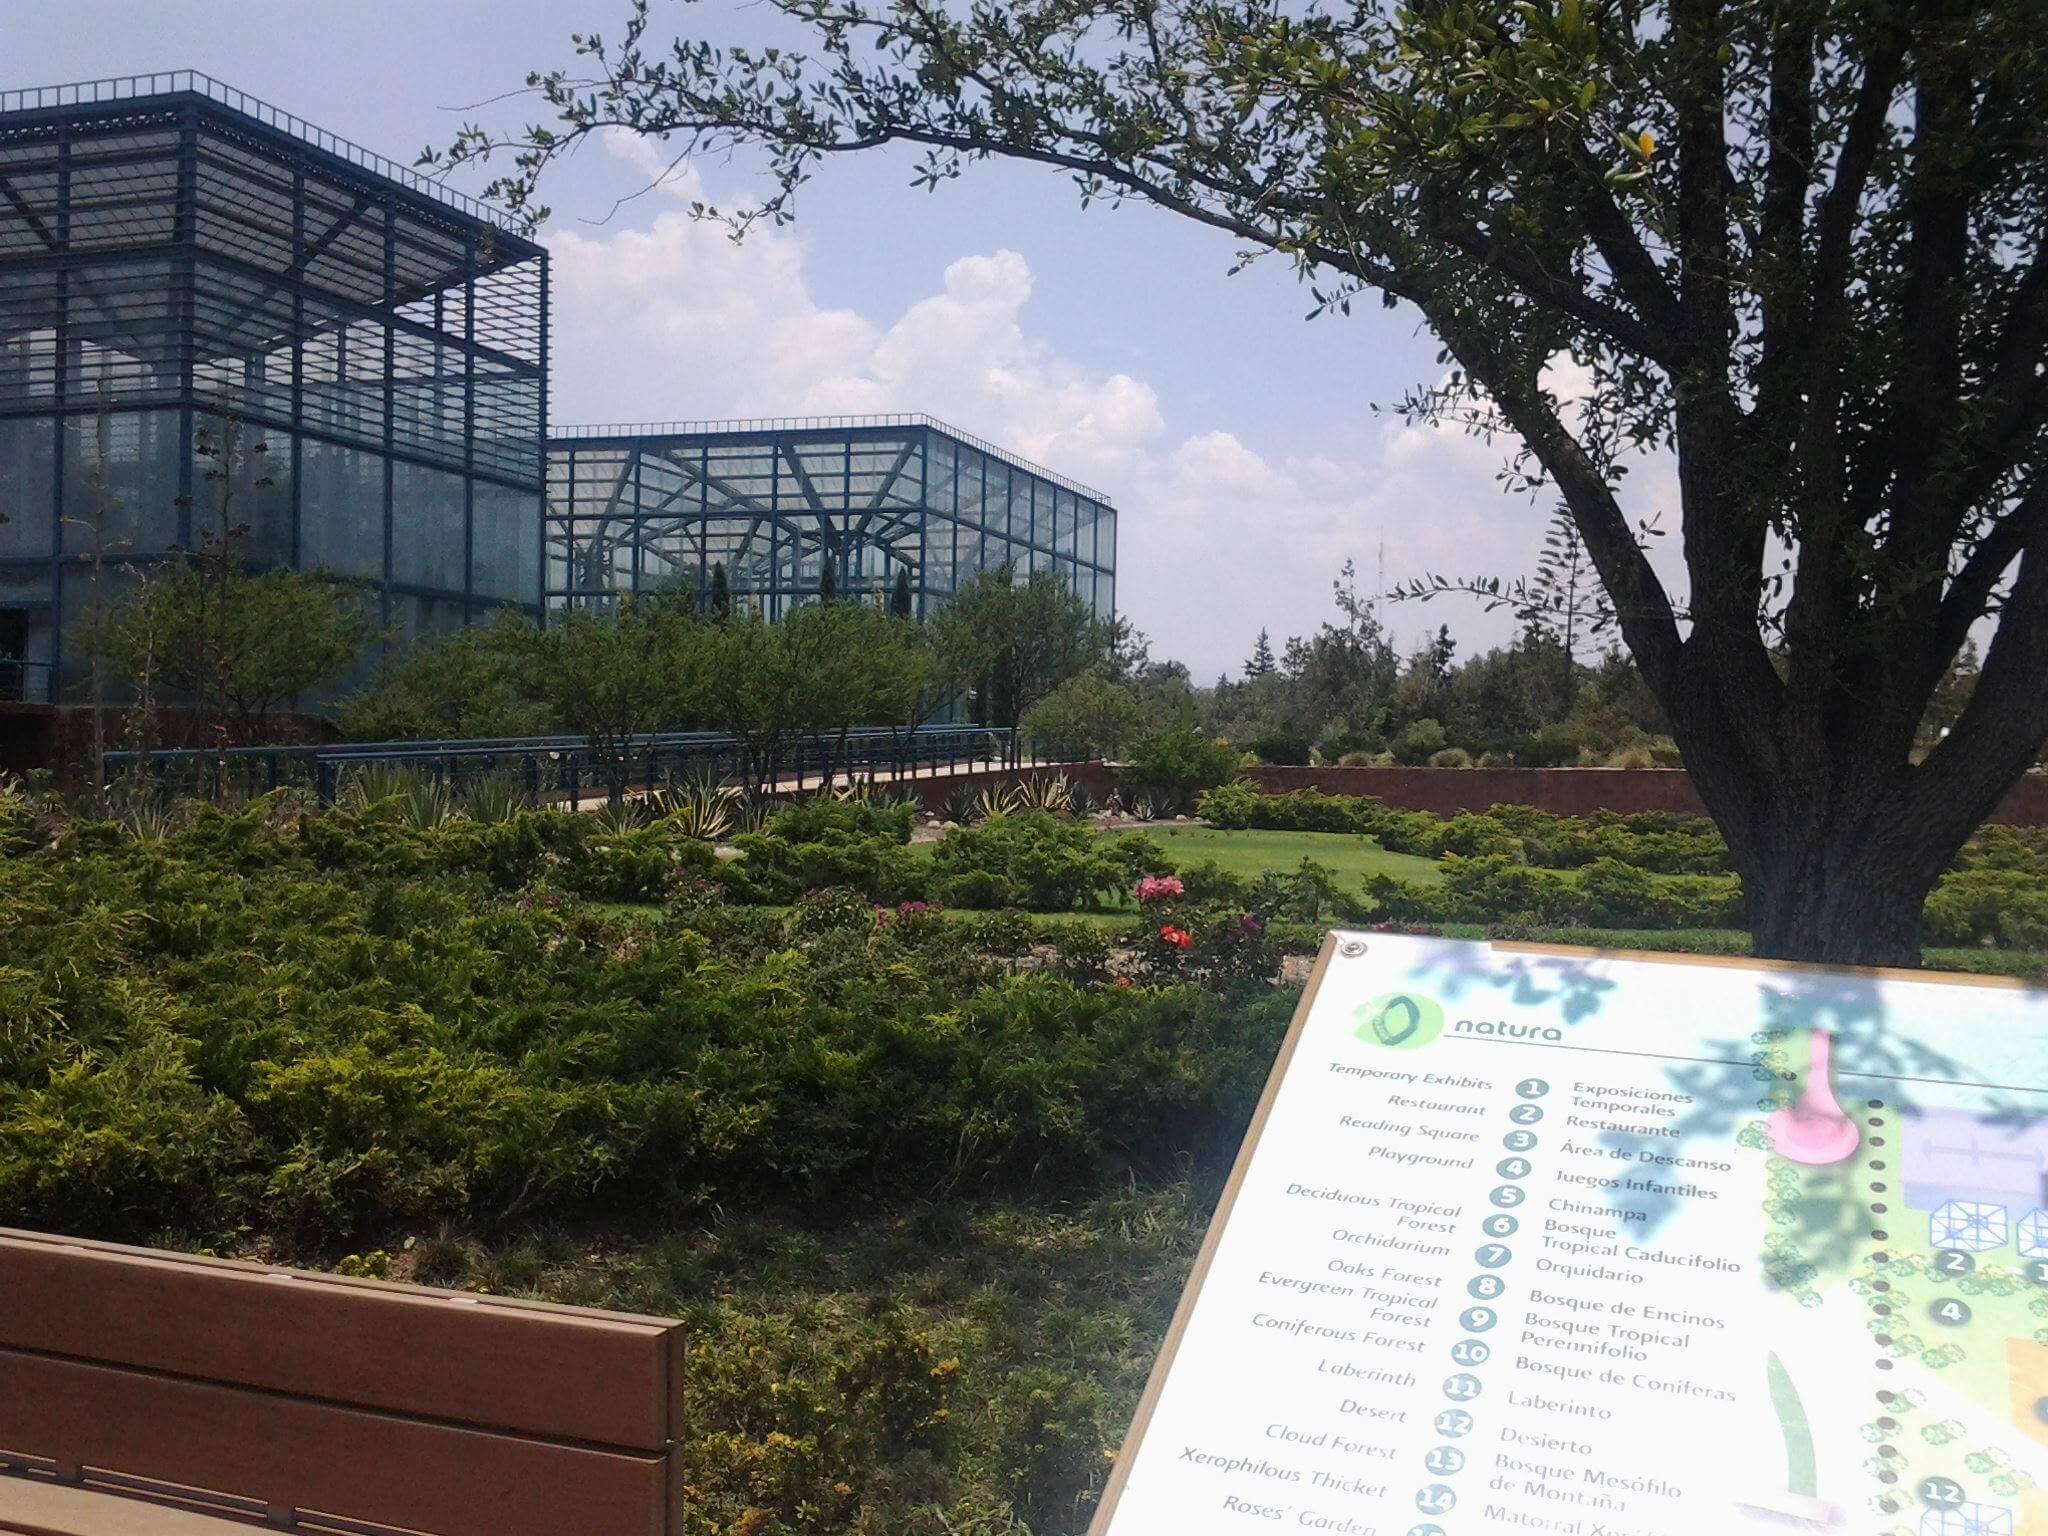 parque-bicentenario-1